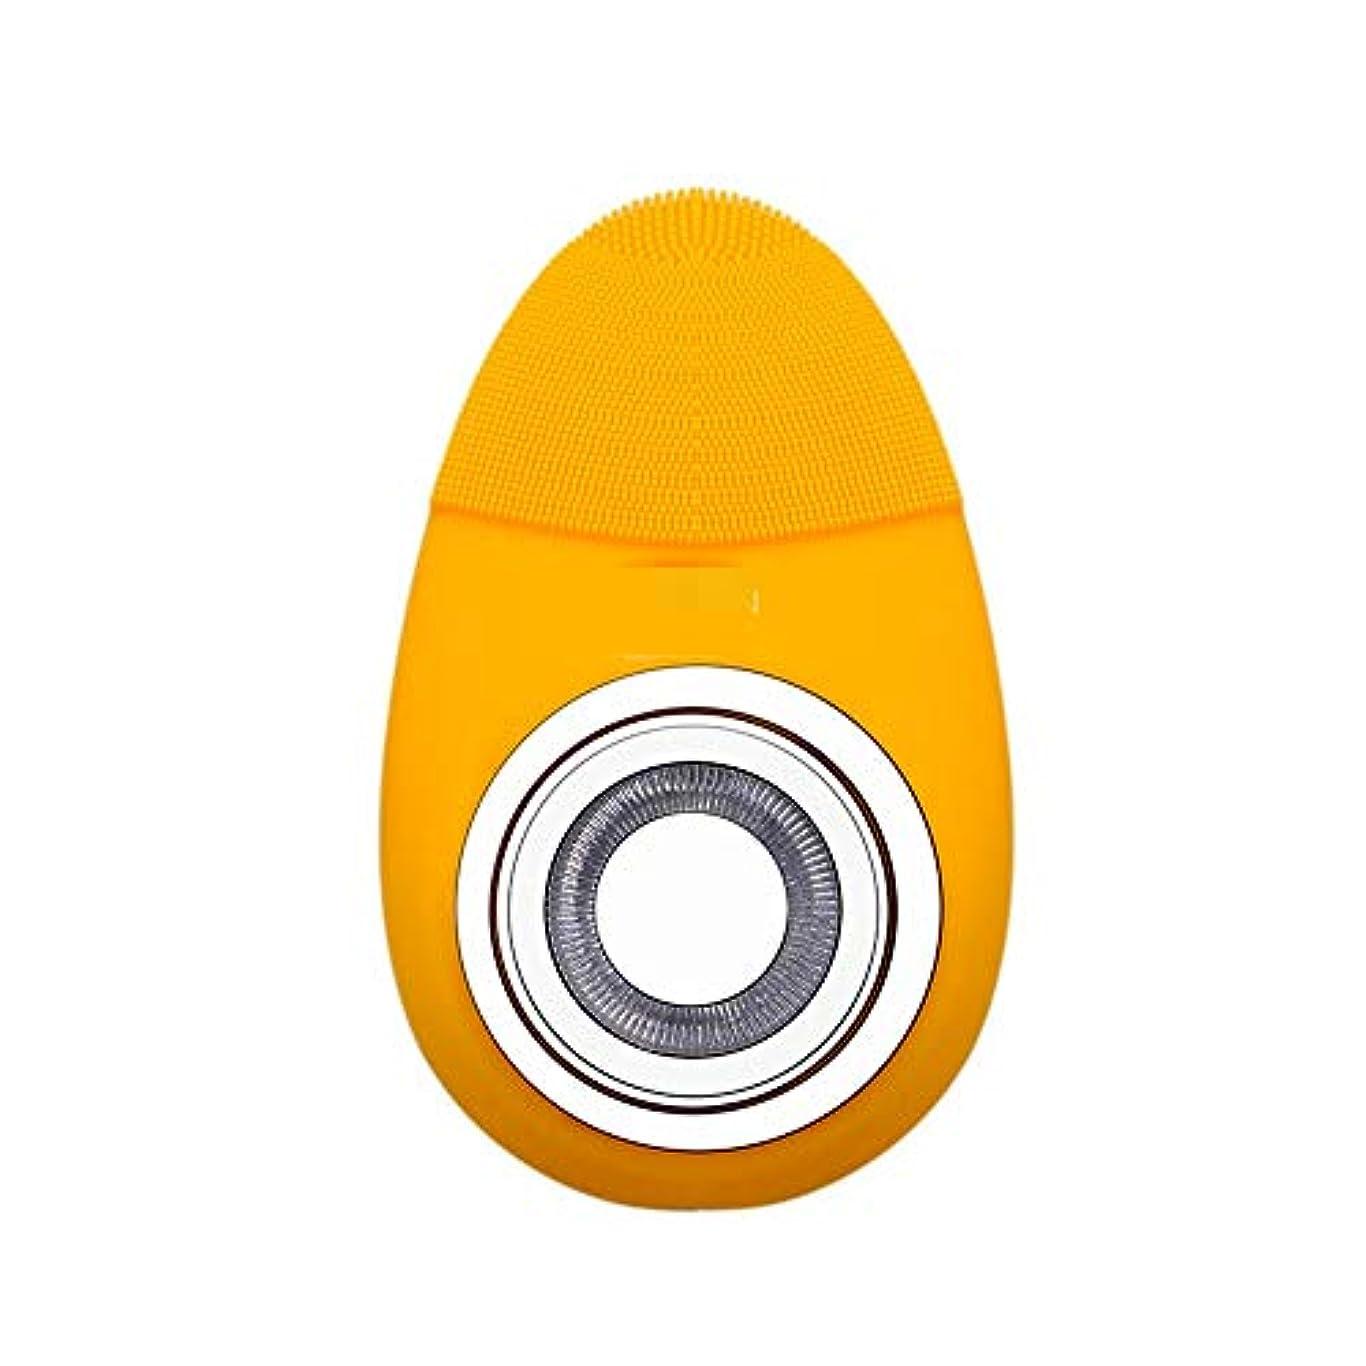 フランクワースリーマッシュラッチLYgMV 多機能電気恒温シリコーンクレンジング楽器赤灯肌清潔毛穴クリーナー輸入機器美容機器 (Color : Yellow)